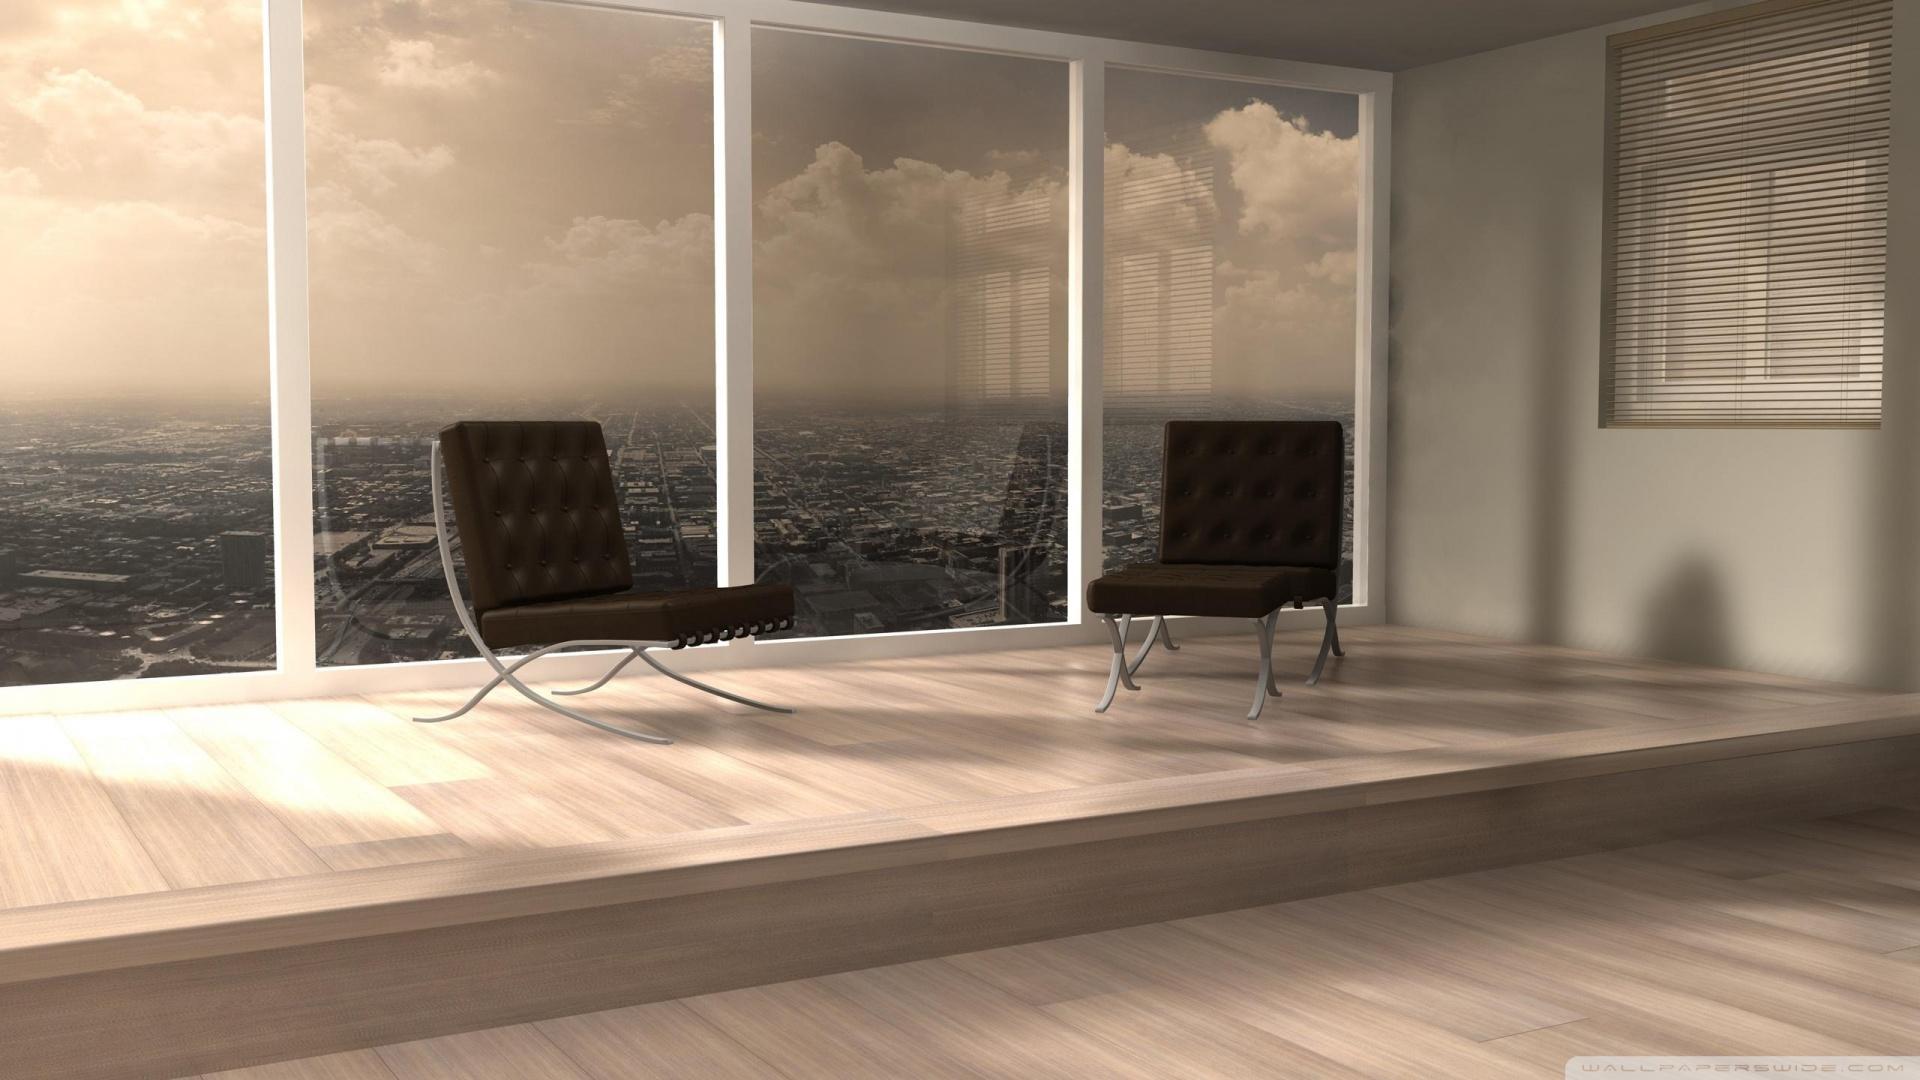 3d interior design wallpaper 1920x1080 3d interior design - Interior Design Wall Paper